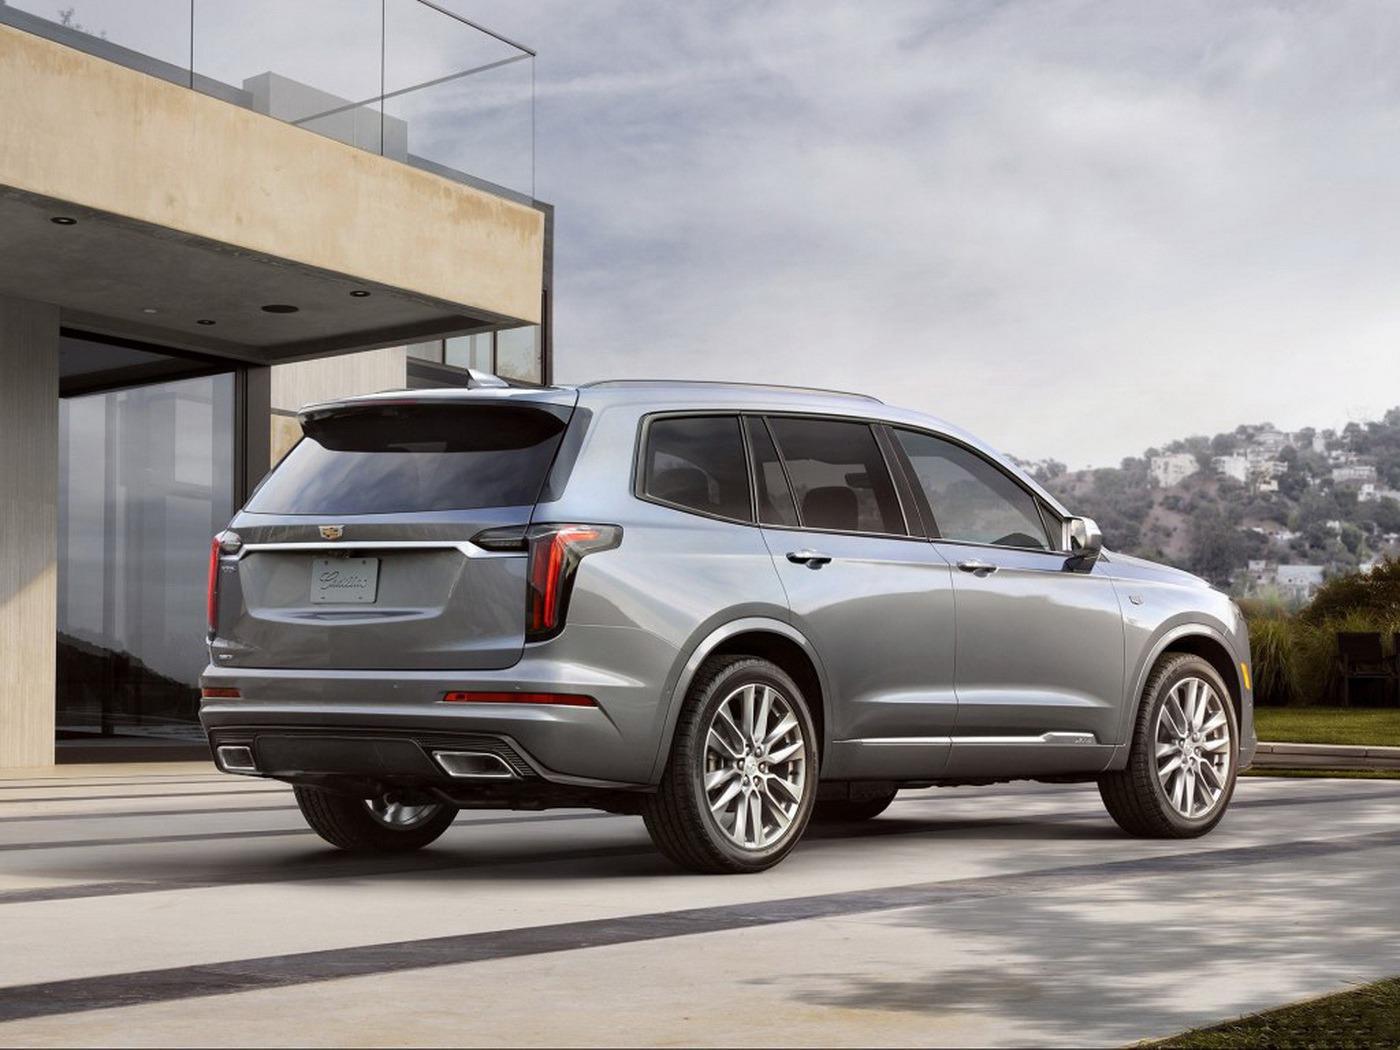 5米长的SUV只放6个座,超帅9AT新车正式上市,霸气又豪华